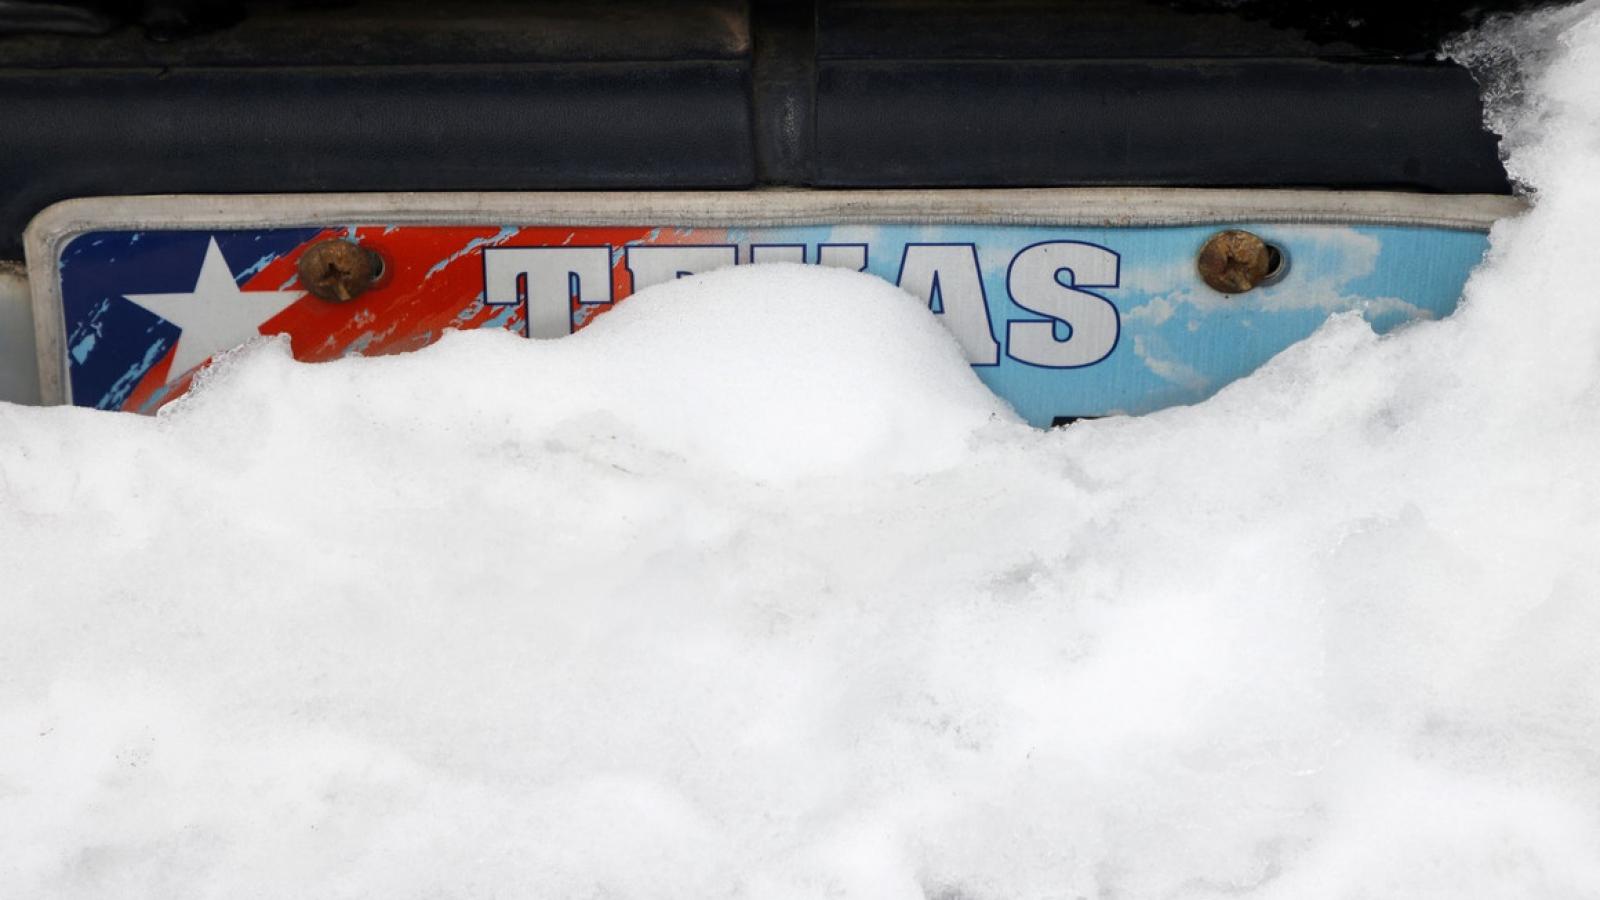 Bão tuyết ở Texas: Phần lớn người Việt Nam và người gốc Việt bị ảnh hưởng nặng nề